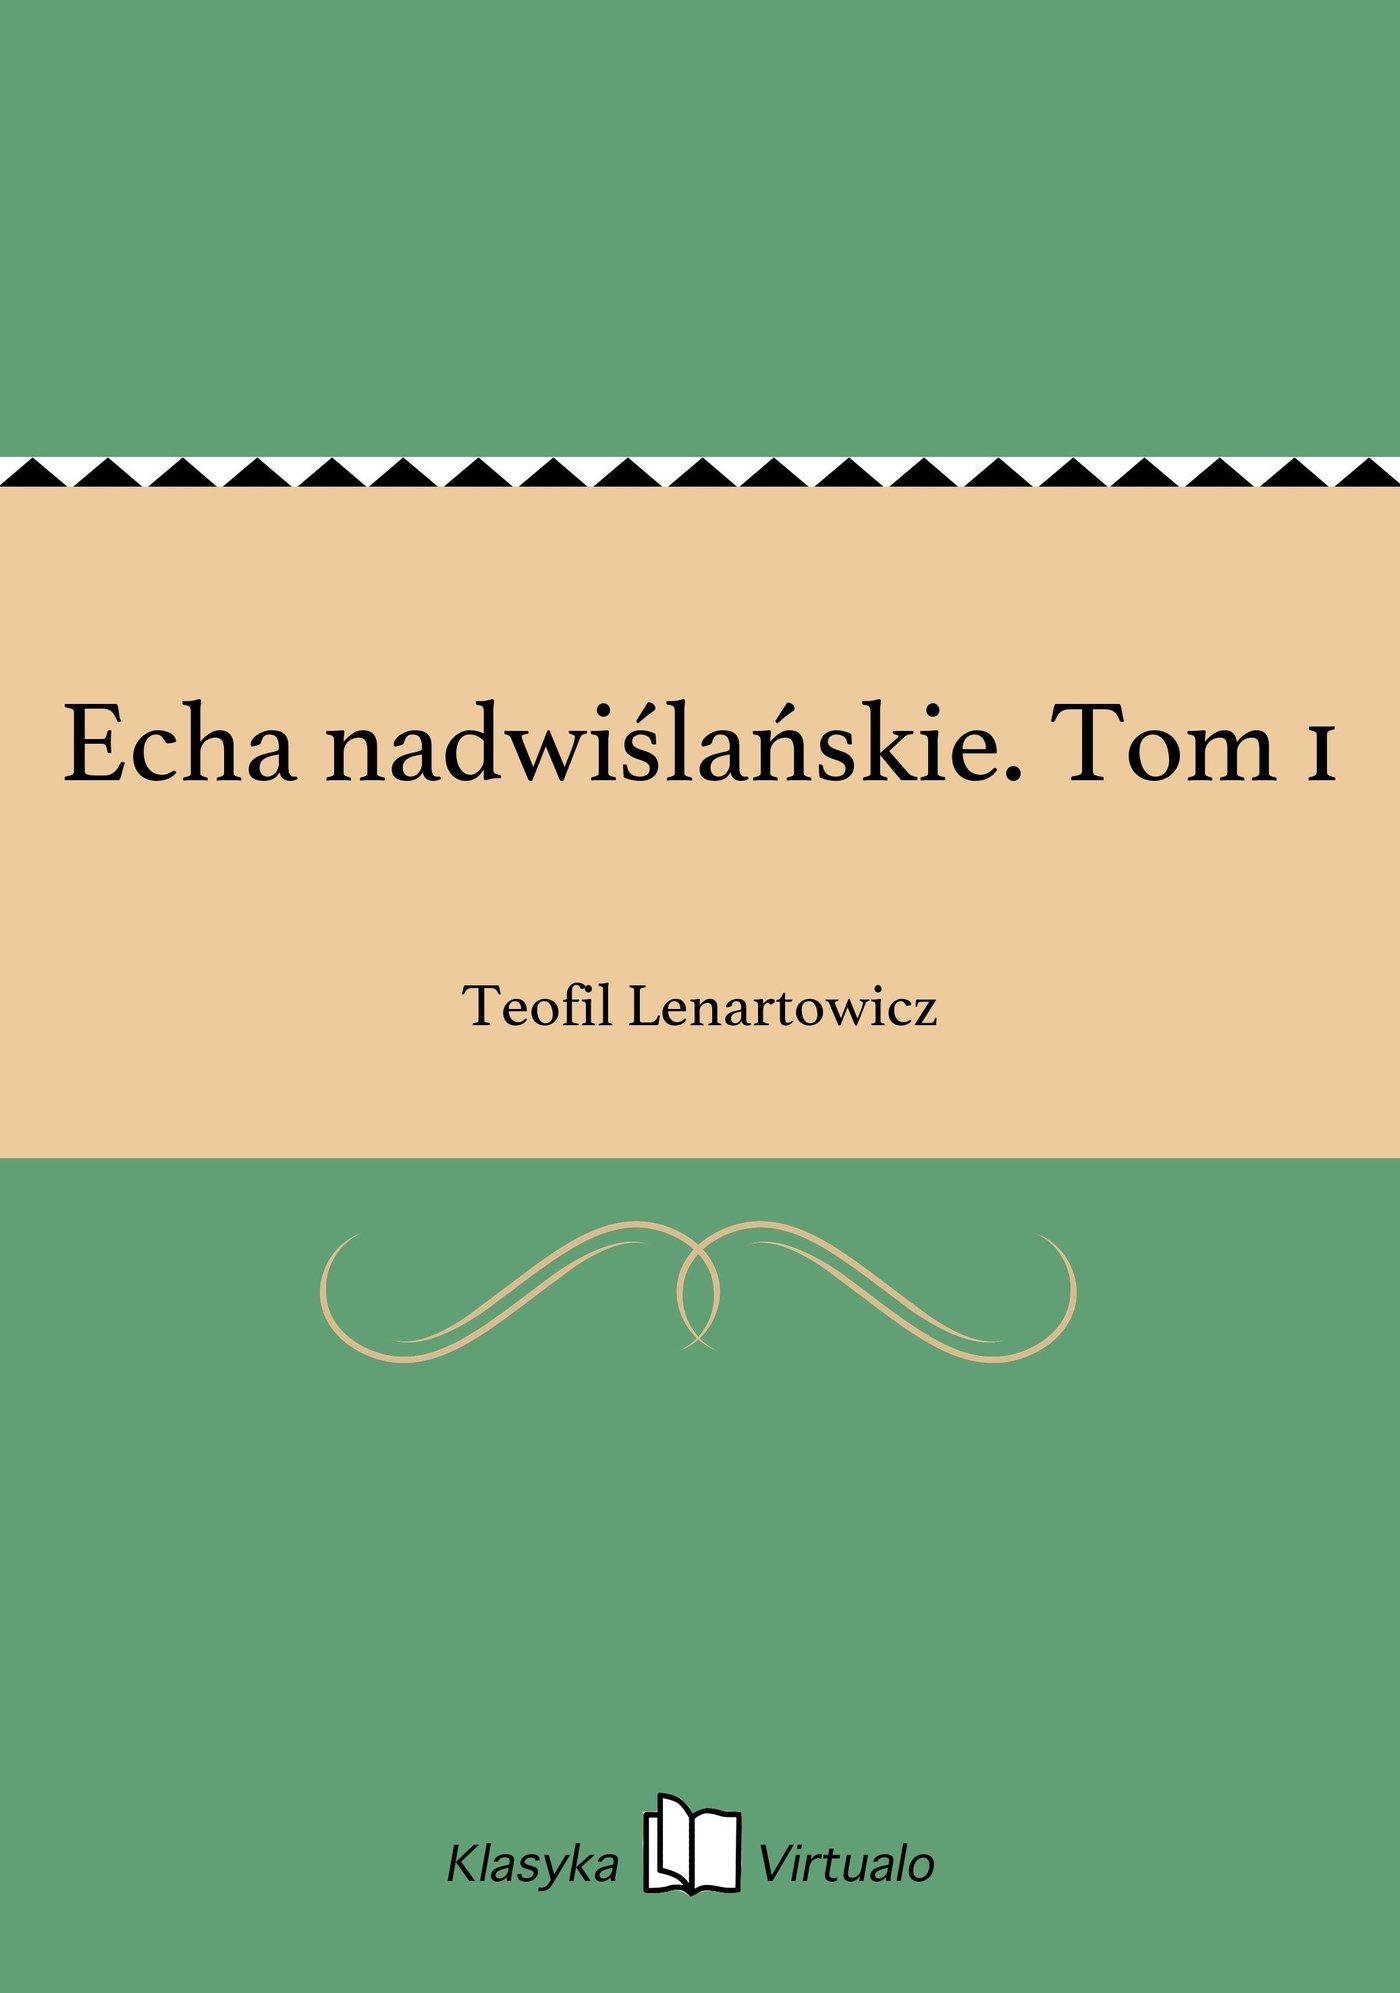 Echa nadwiślańskie. Tom 1 - Ebook (Książka EPUB) do pobrania w formacie EPUB